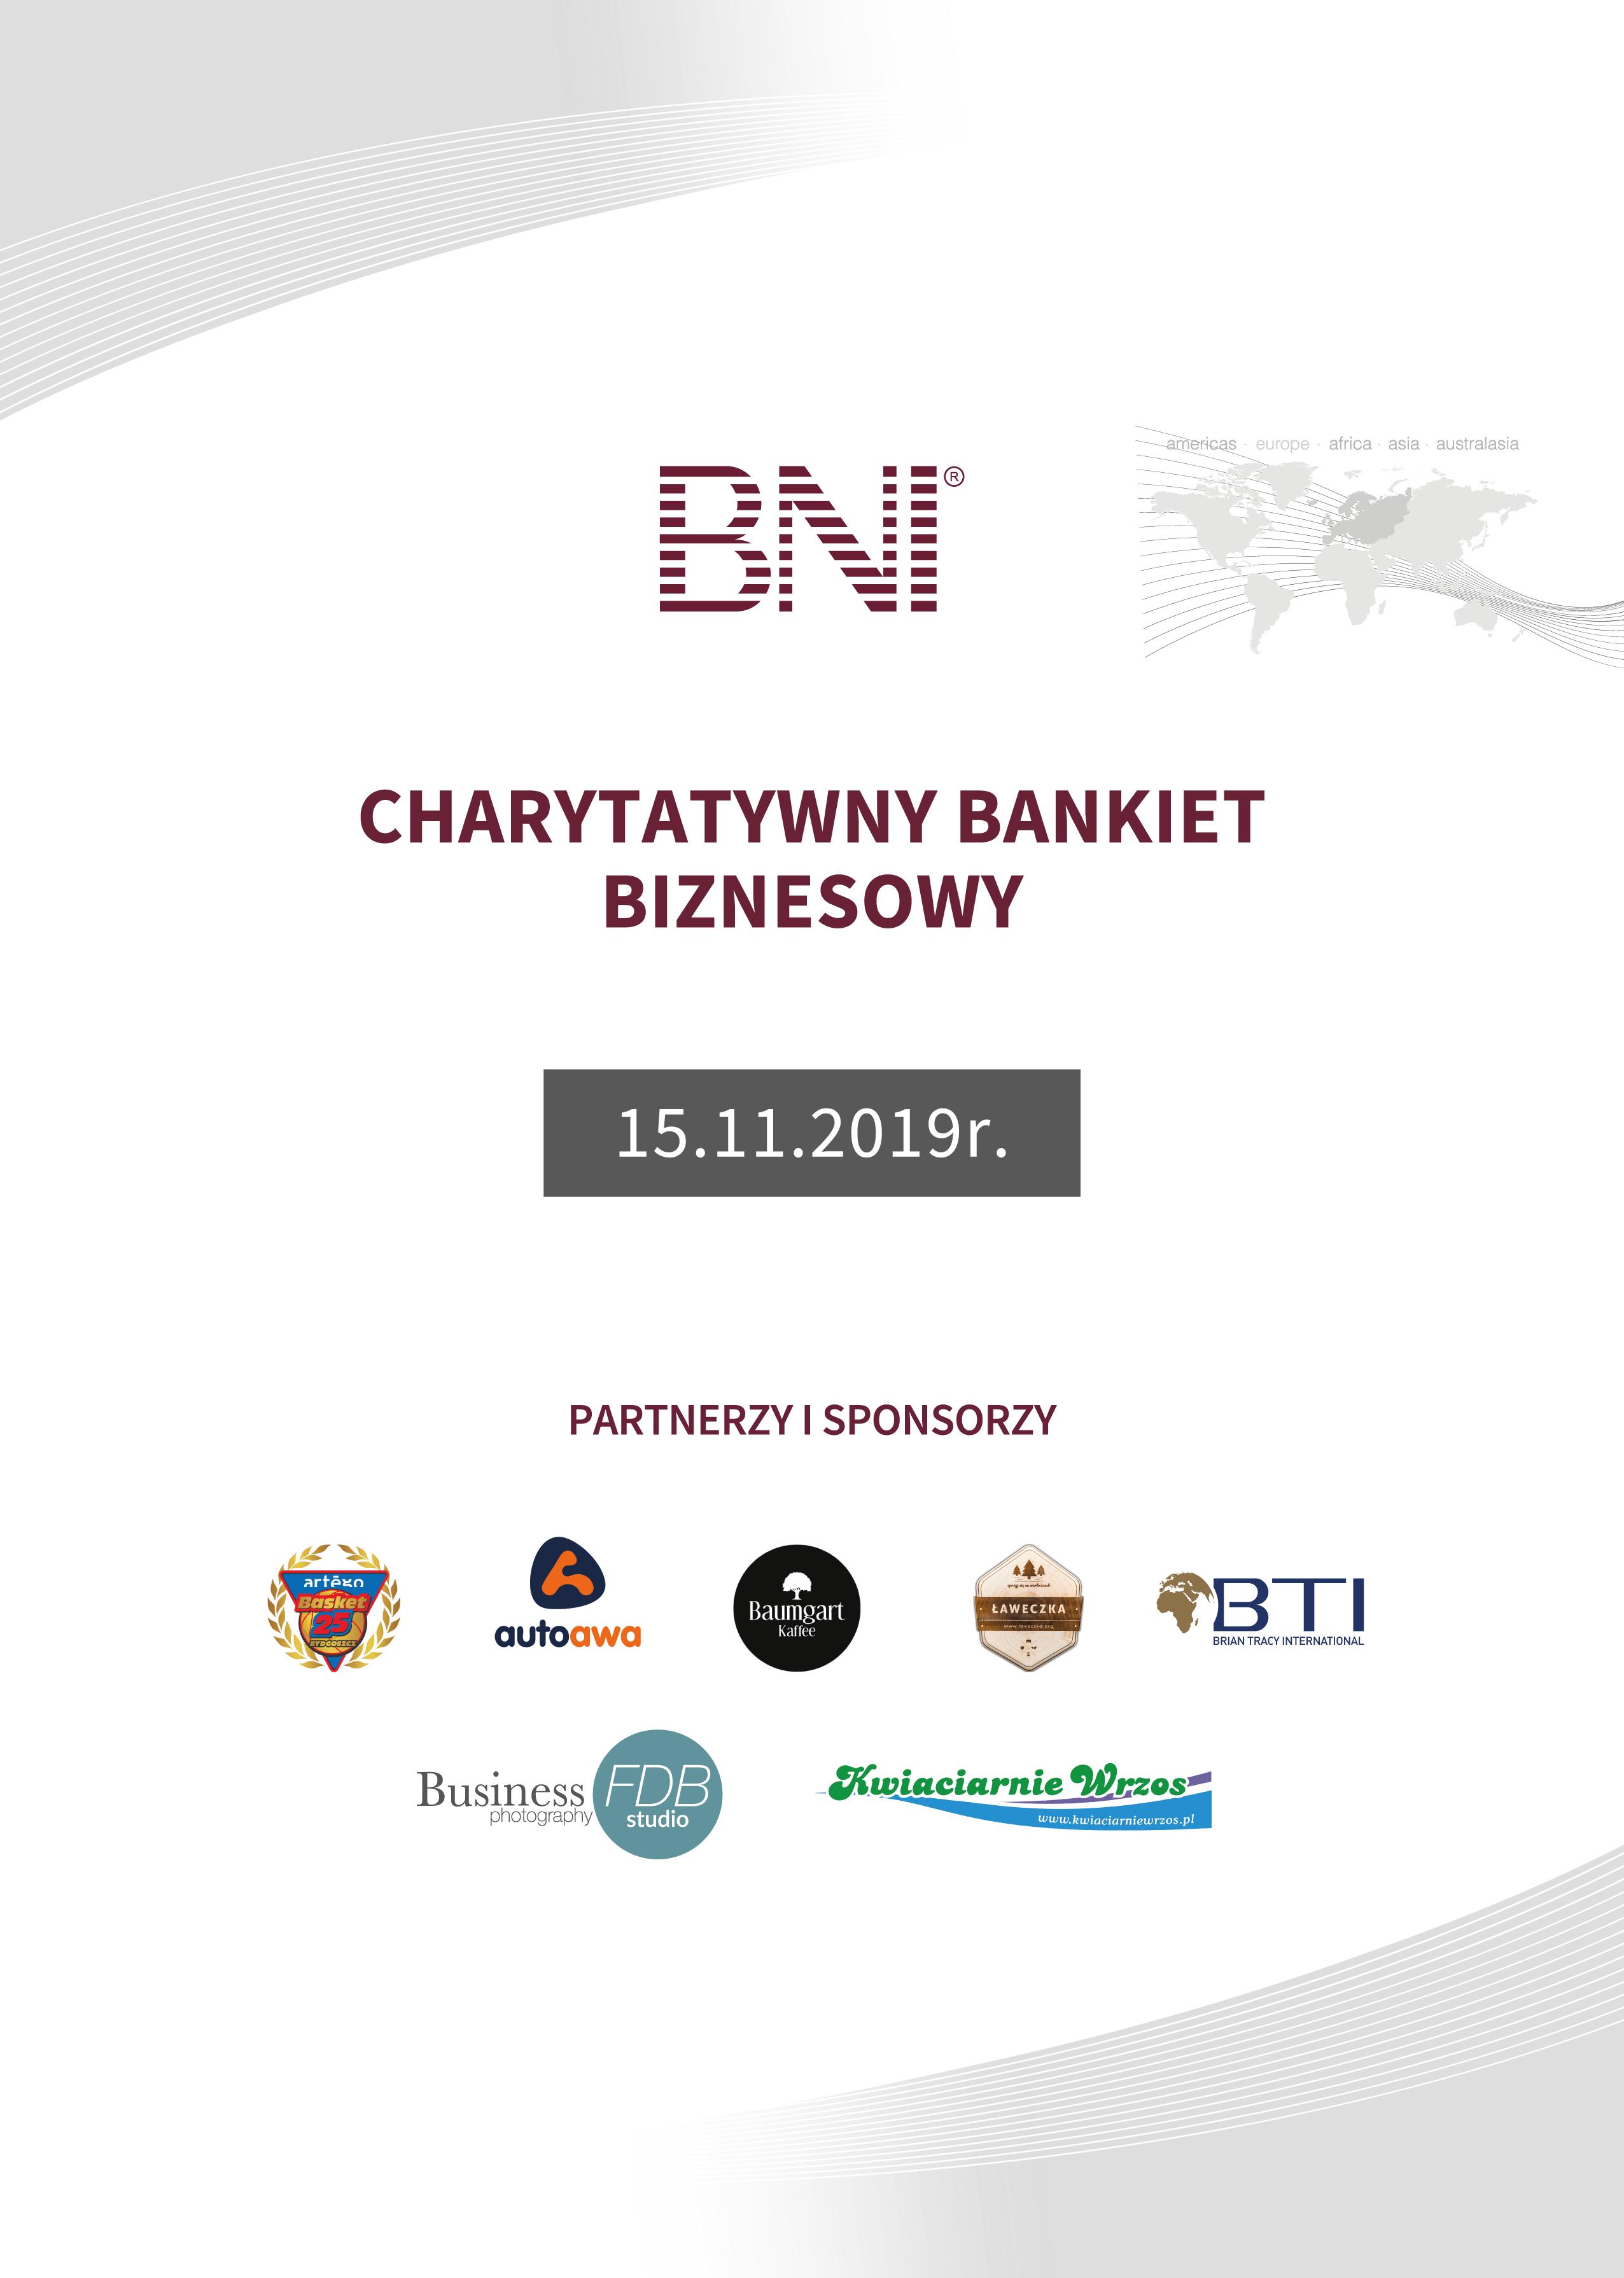 Charytatywny Bankiet Biznesowy - Bydgoszcz